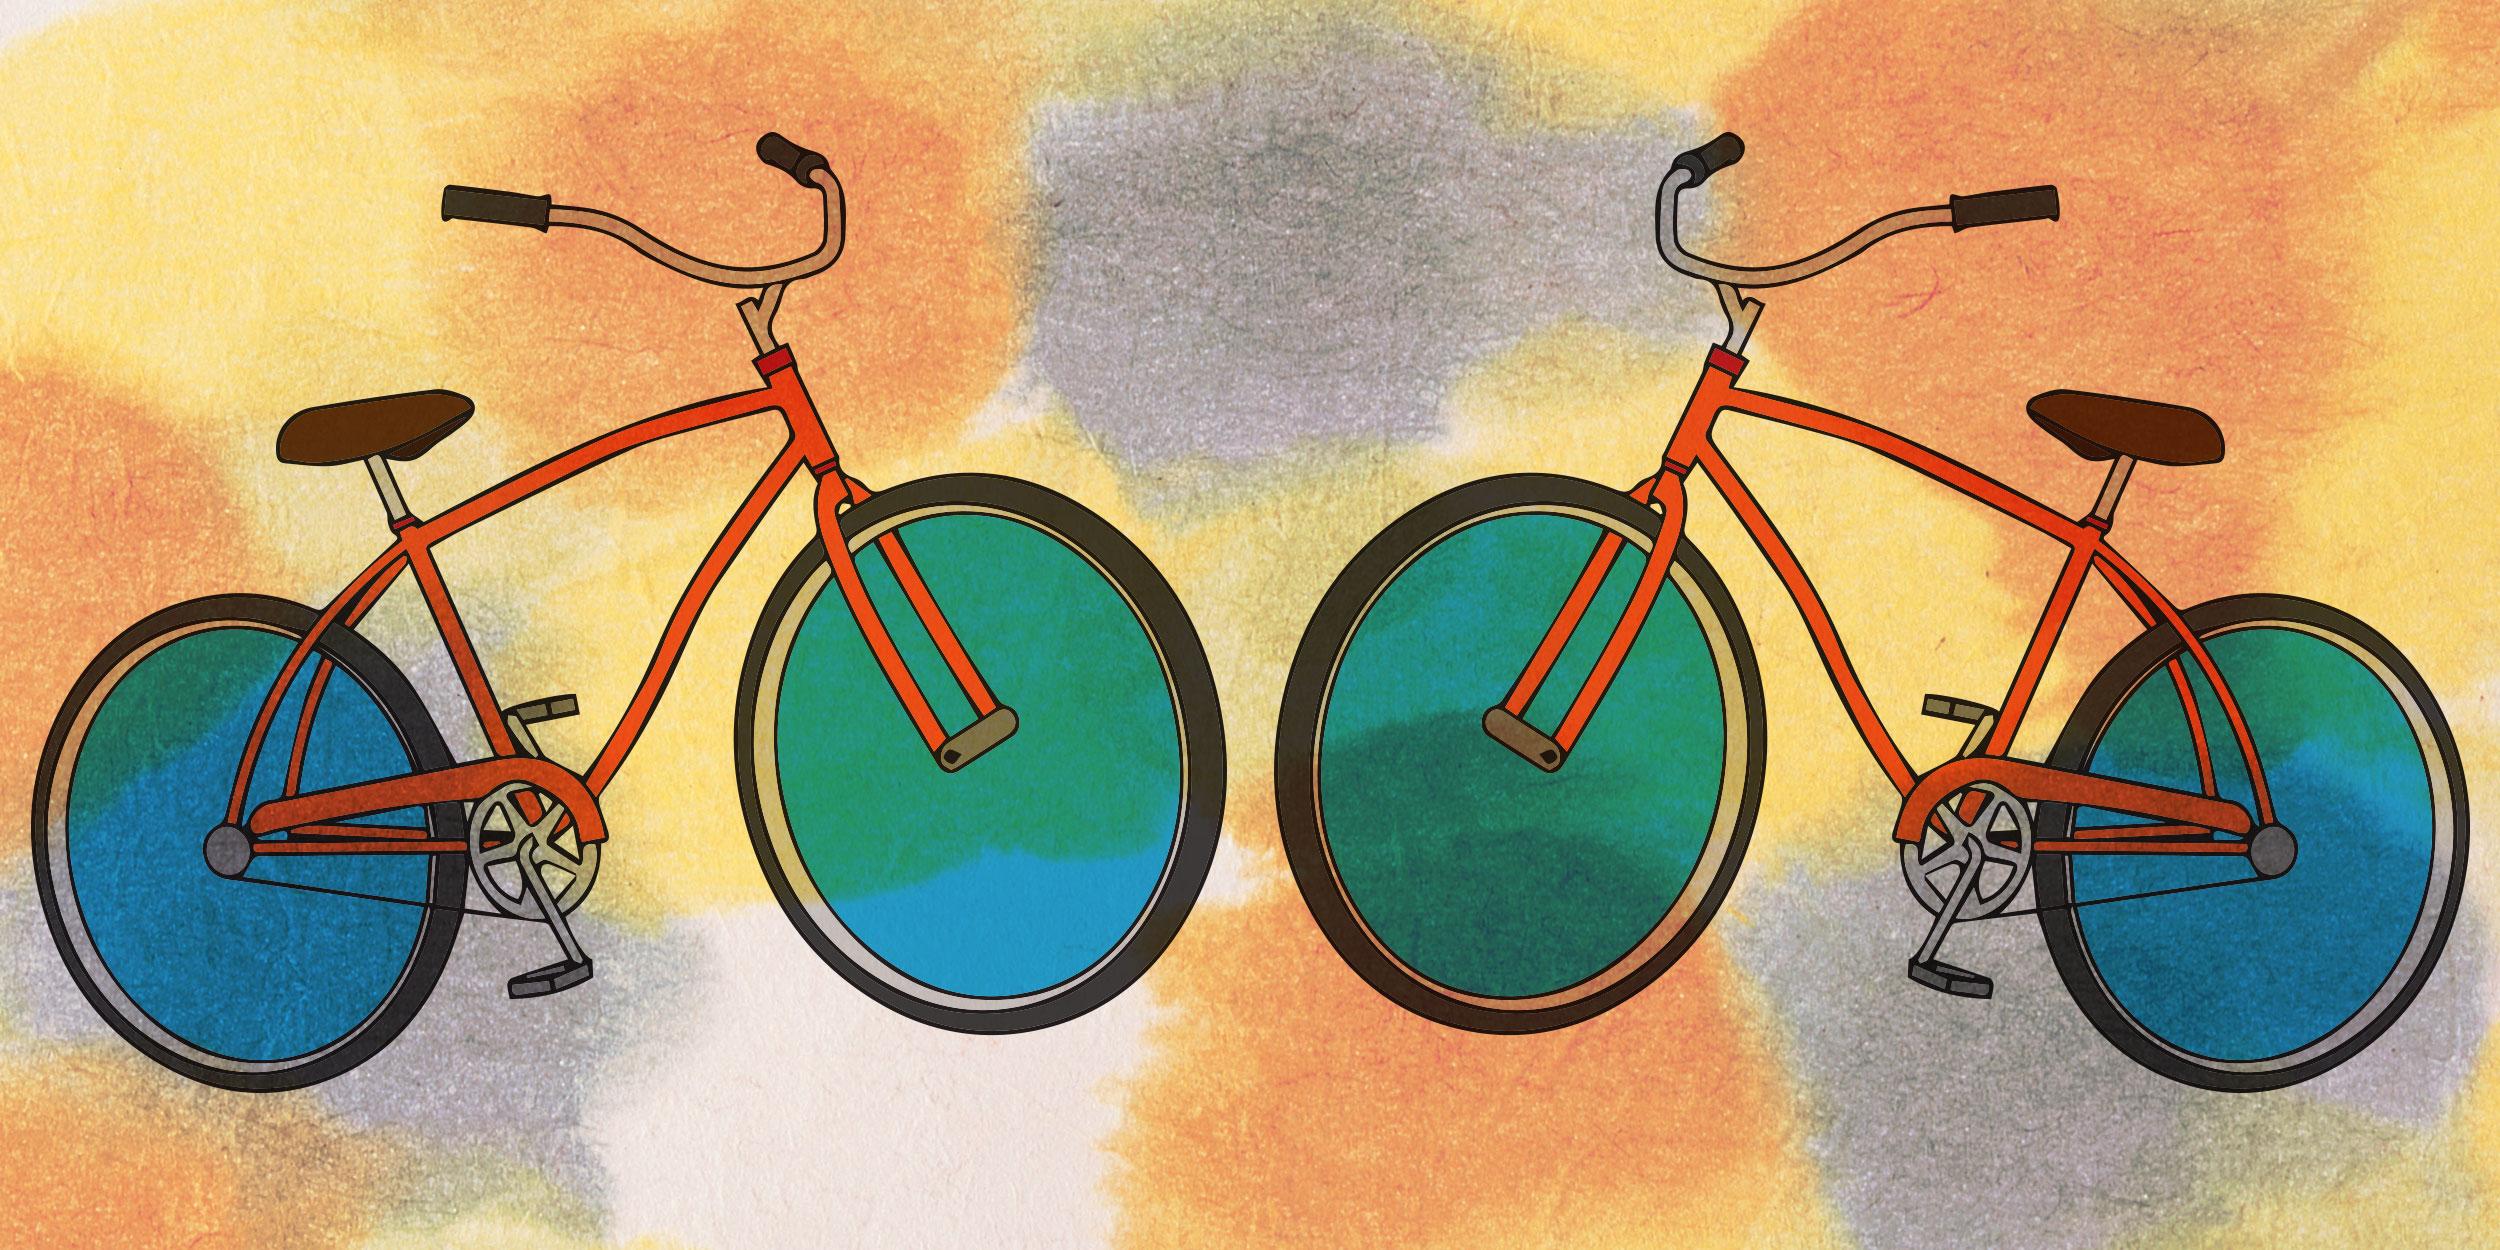 Скачать приложение велосипедиста на андроид программа mac os скачать